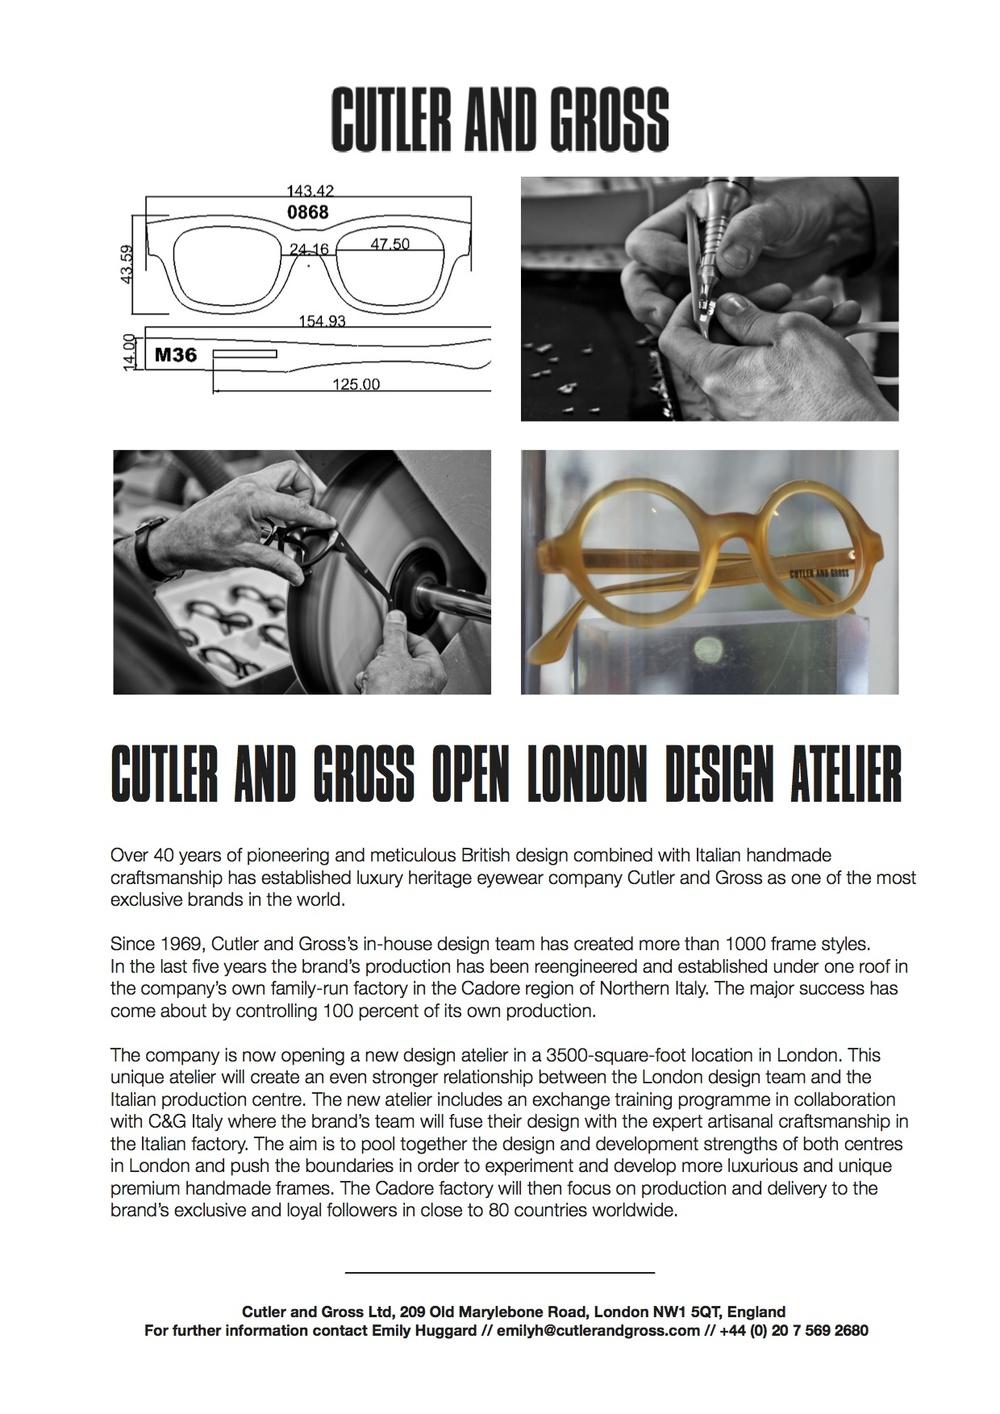 Atelier Press Release